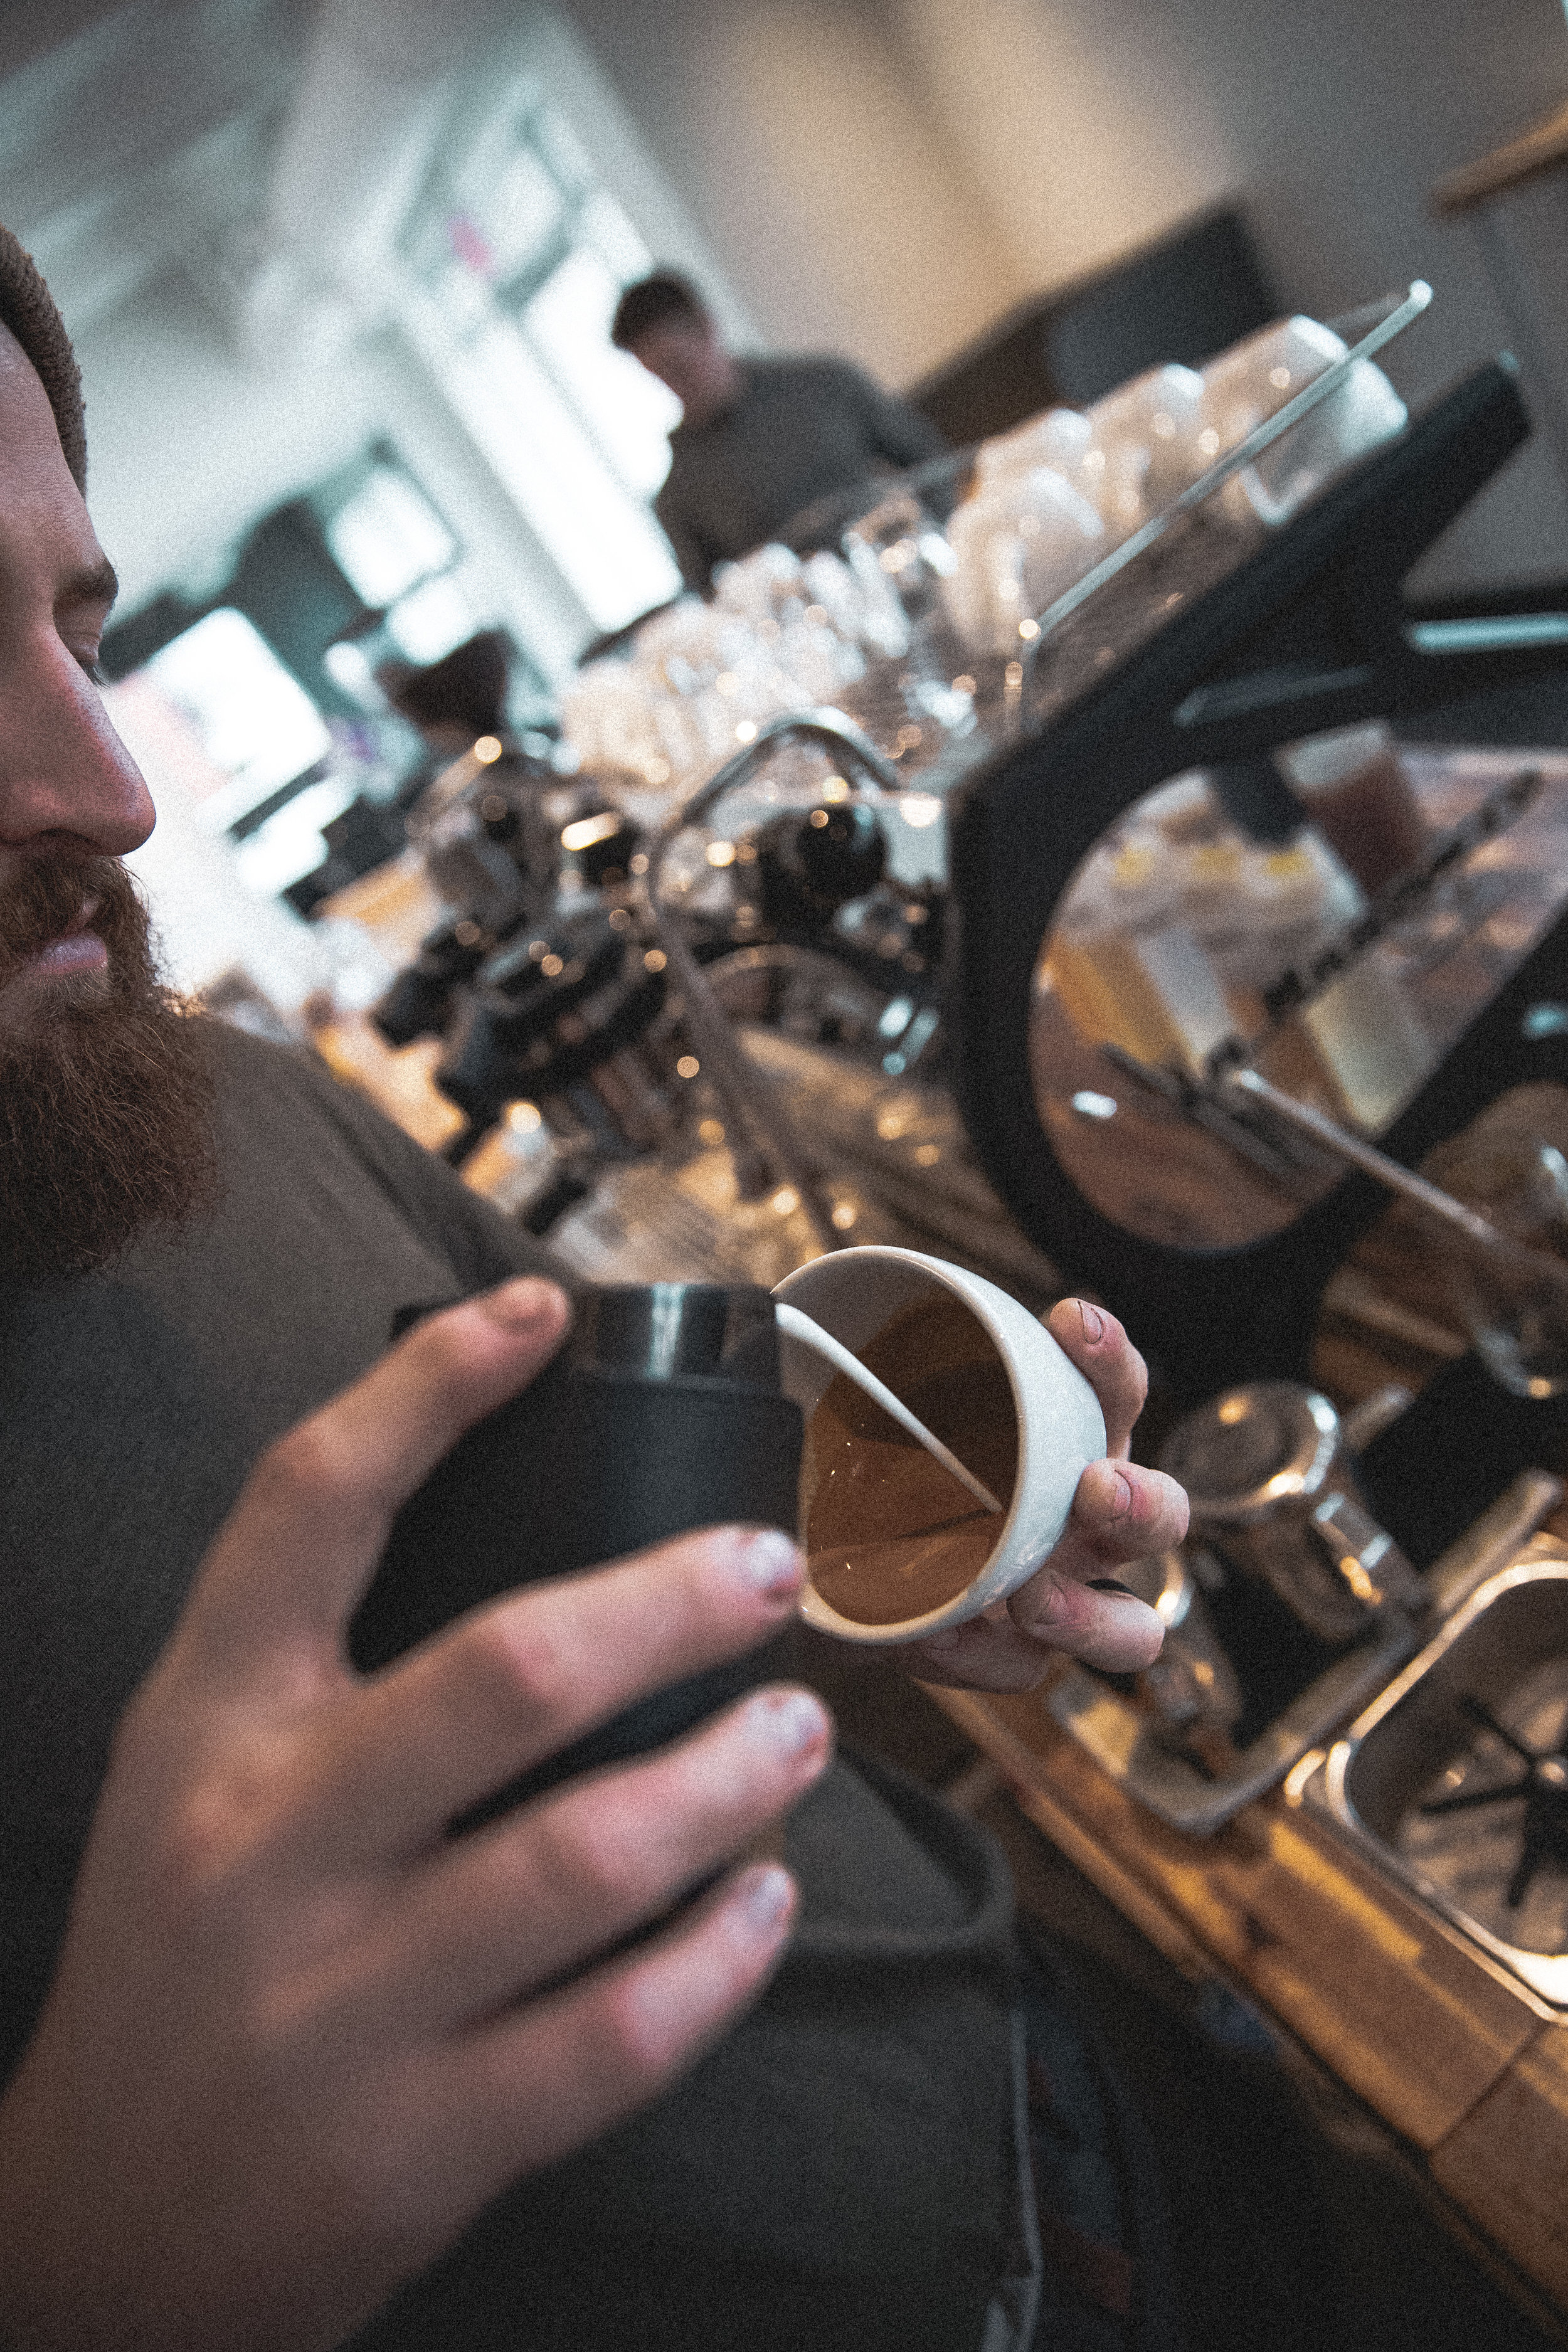 coffeeshop-photography-9I0617.jpg